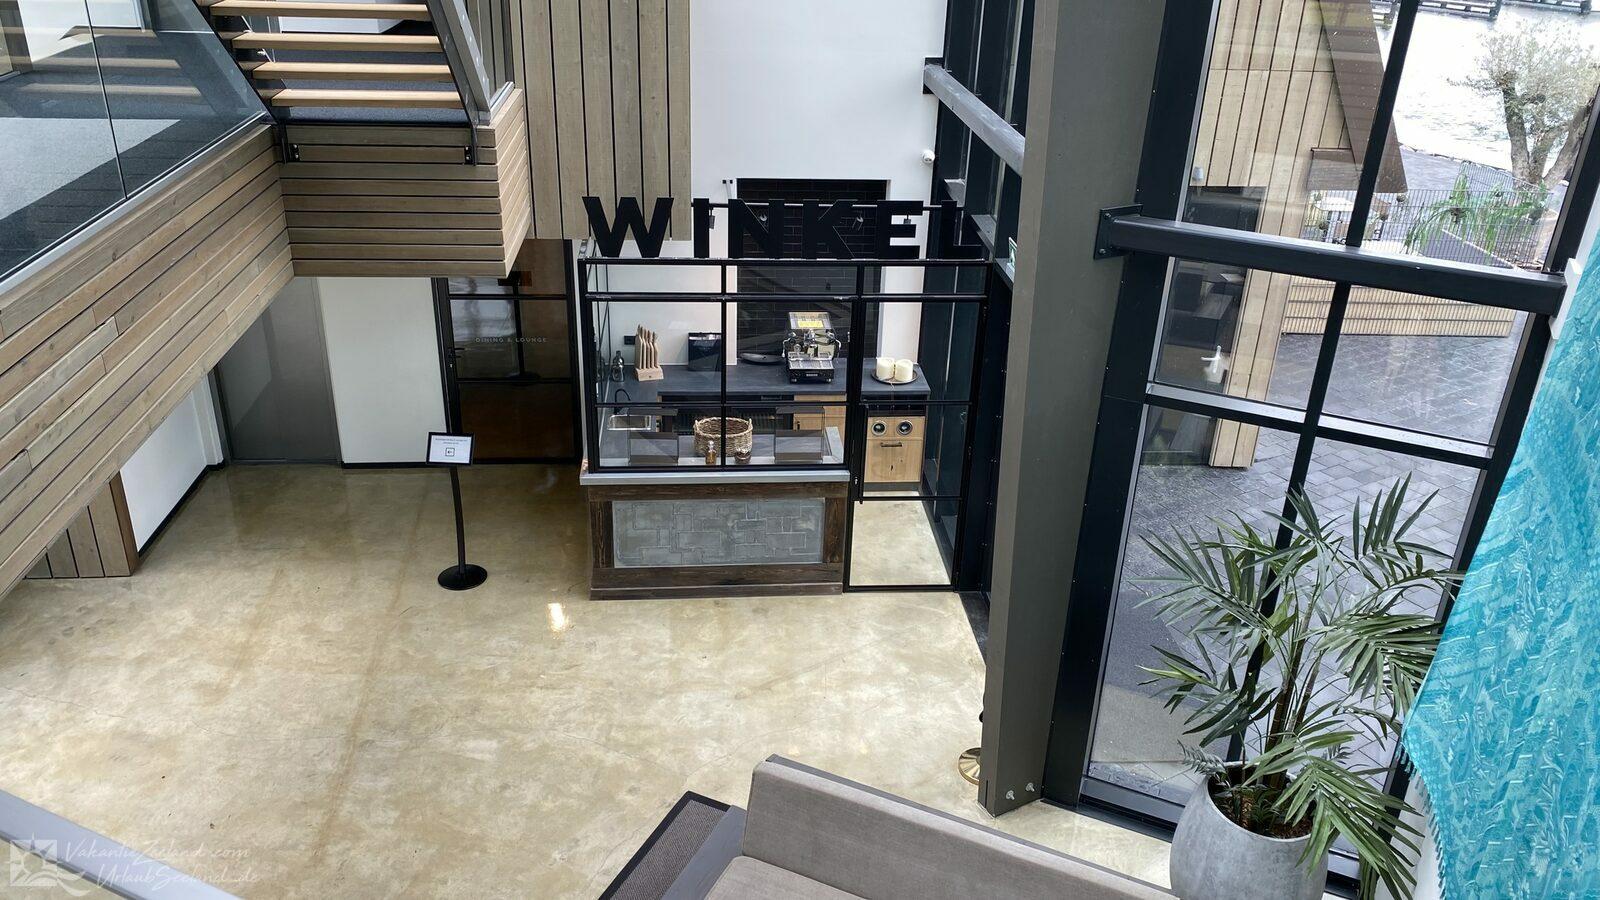 VZ864 Studio in Tholen